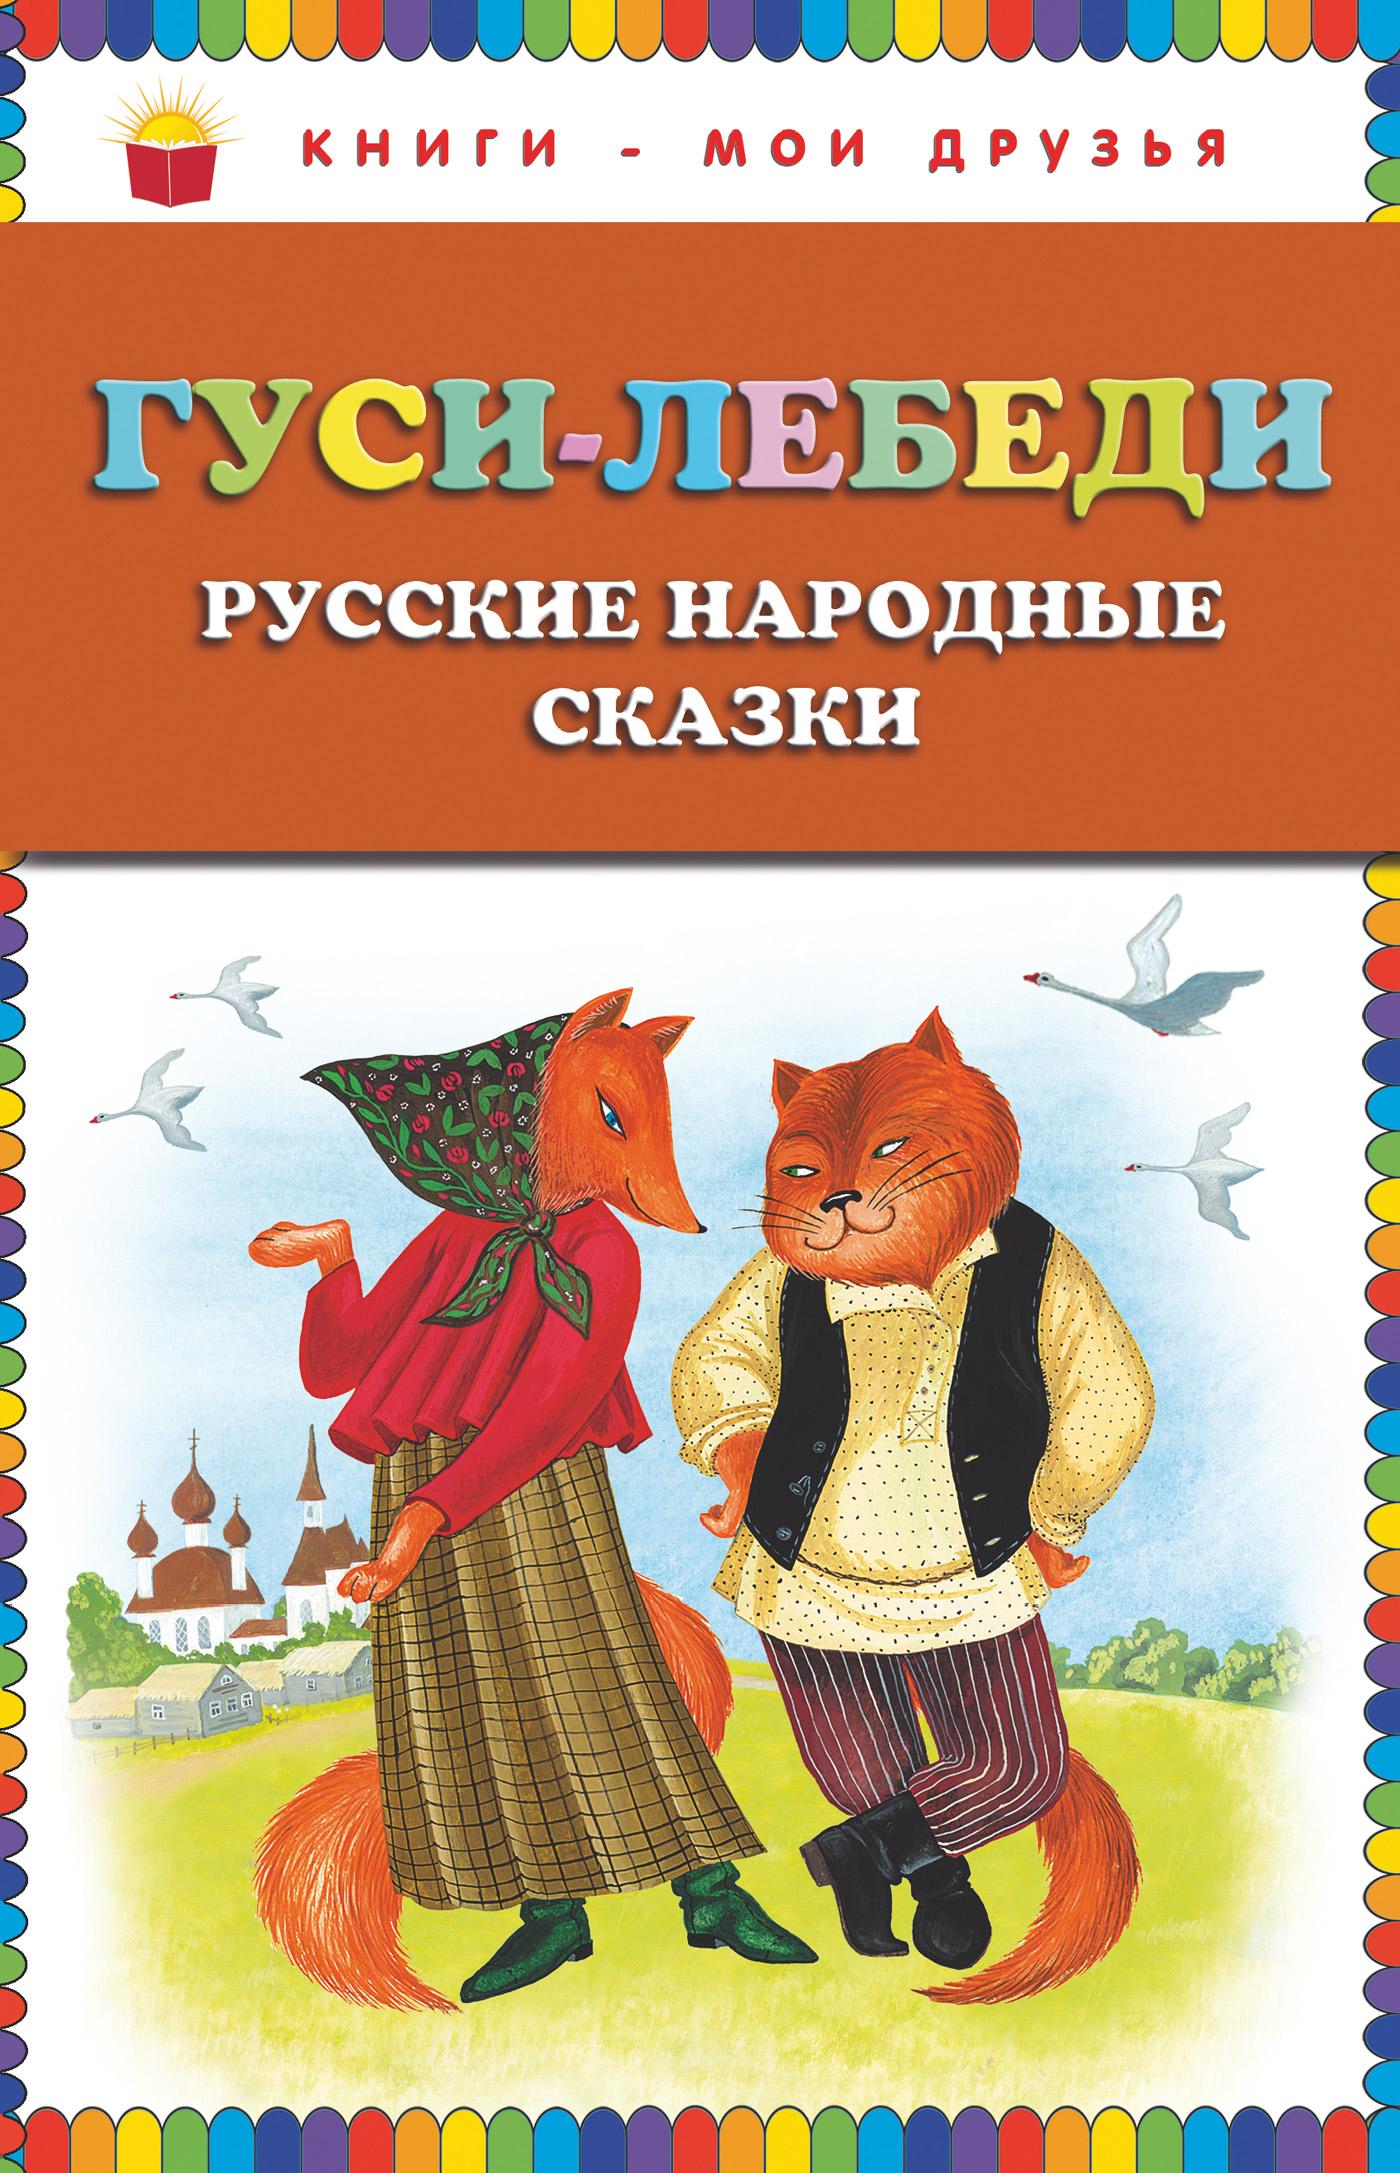 Отсутствует Гуси-лебеди. Русские народные сказки литвинова м худож русские народные сказки